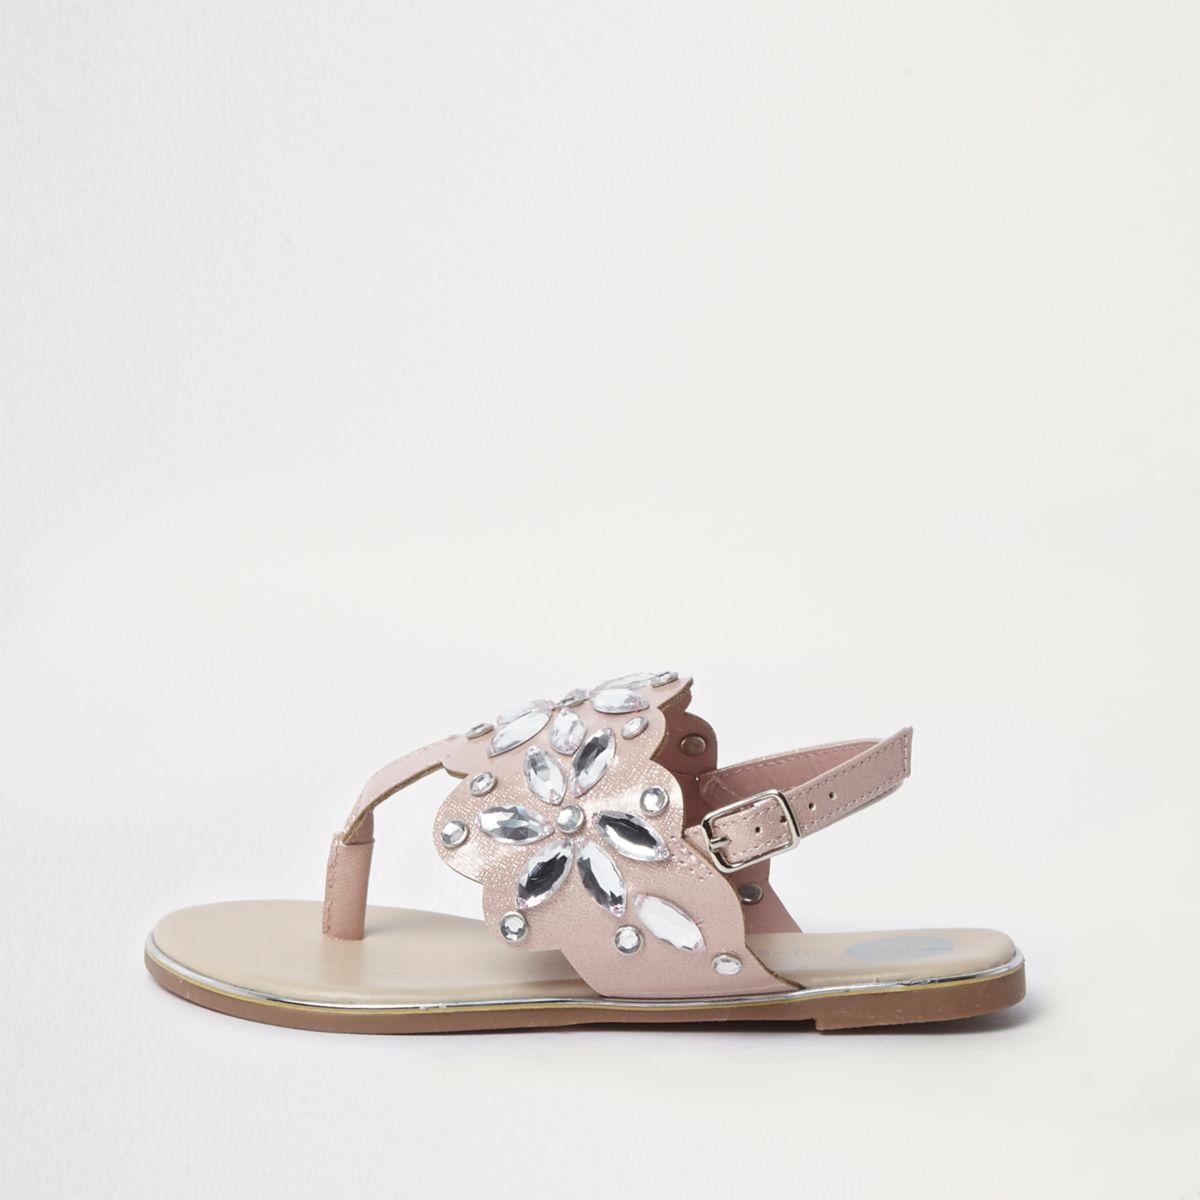 Girls pink jewel embellished sandals